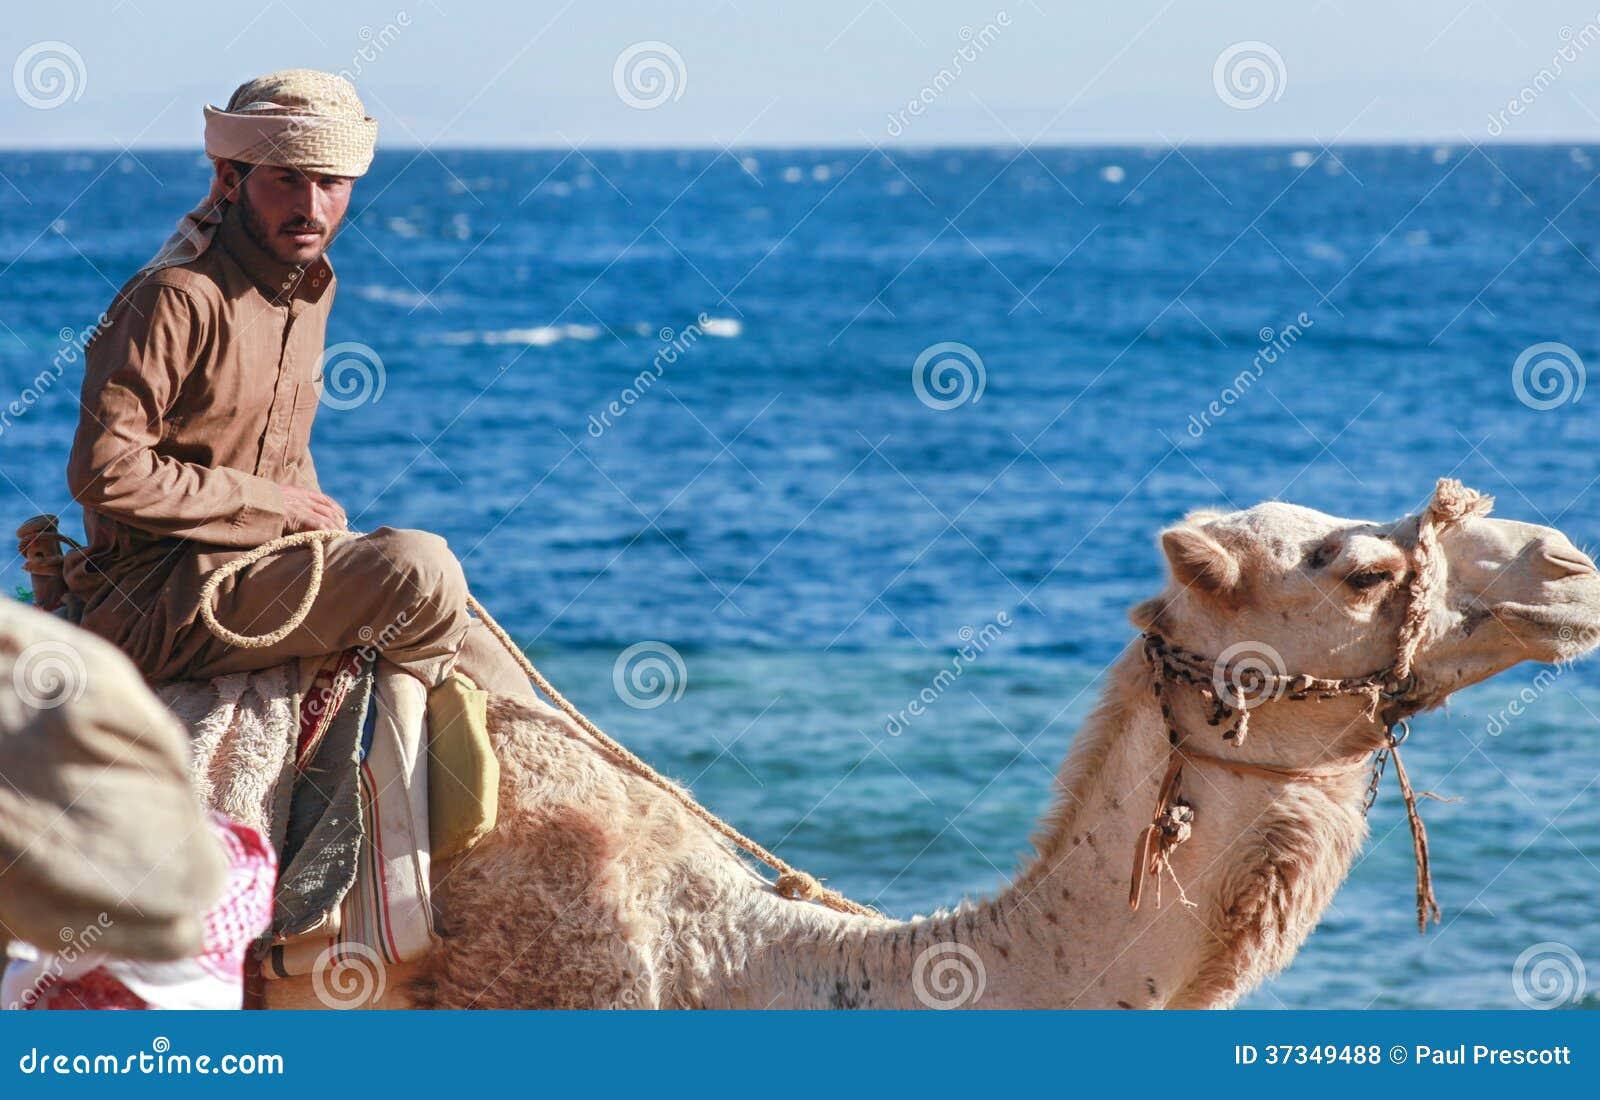 Beduinmannen rider en kamel